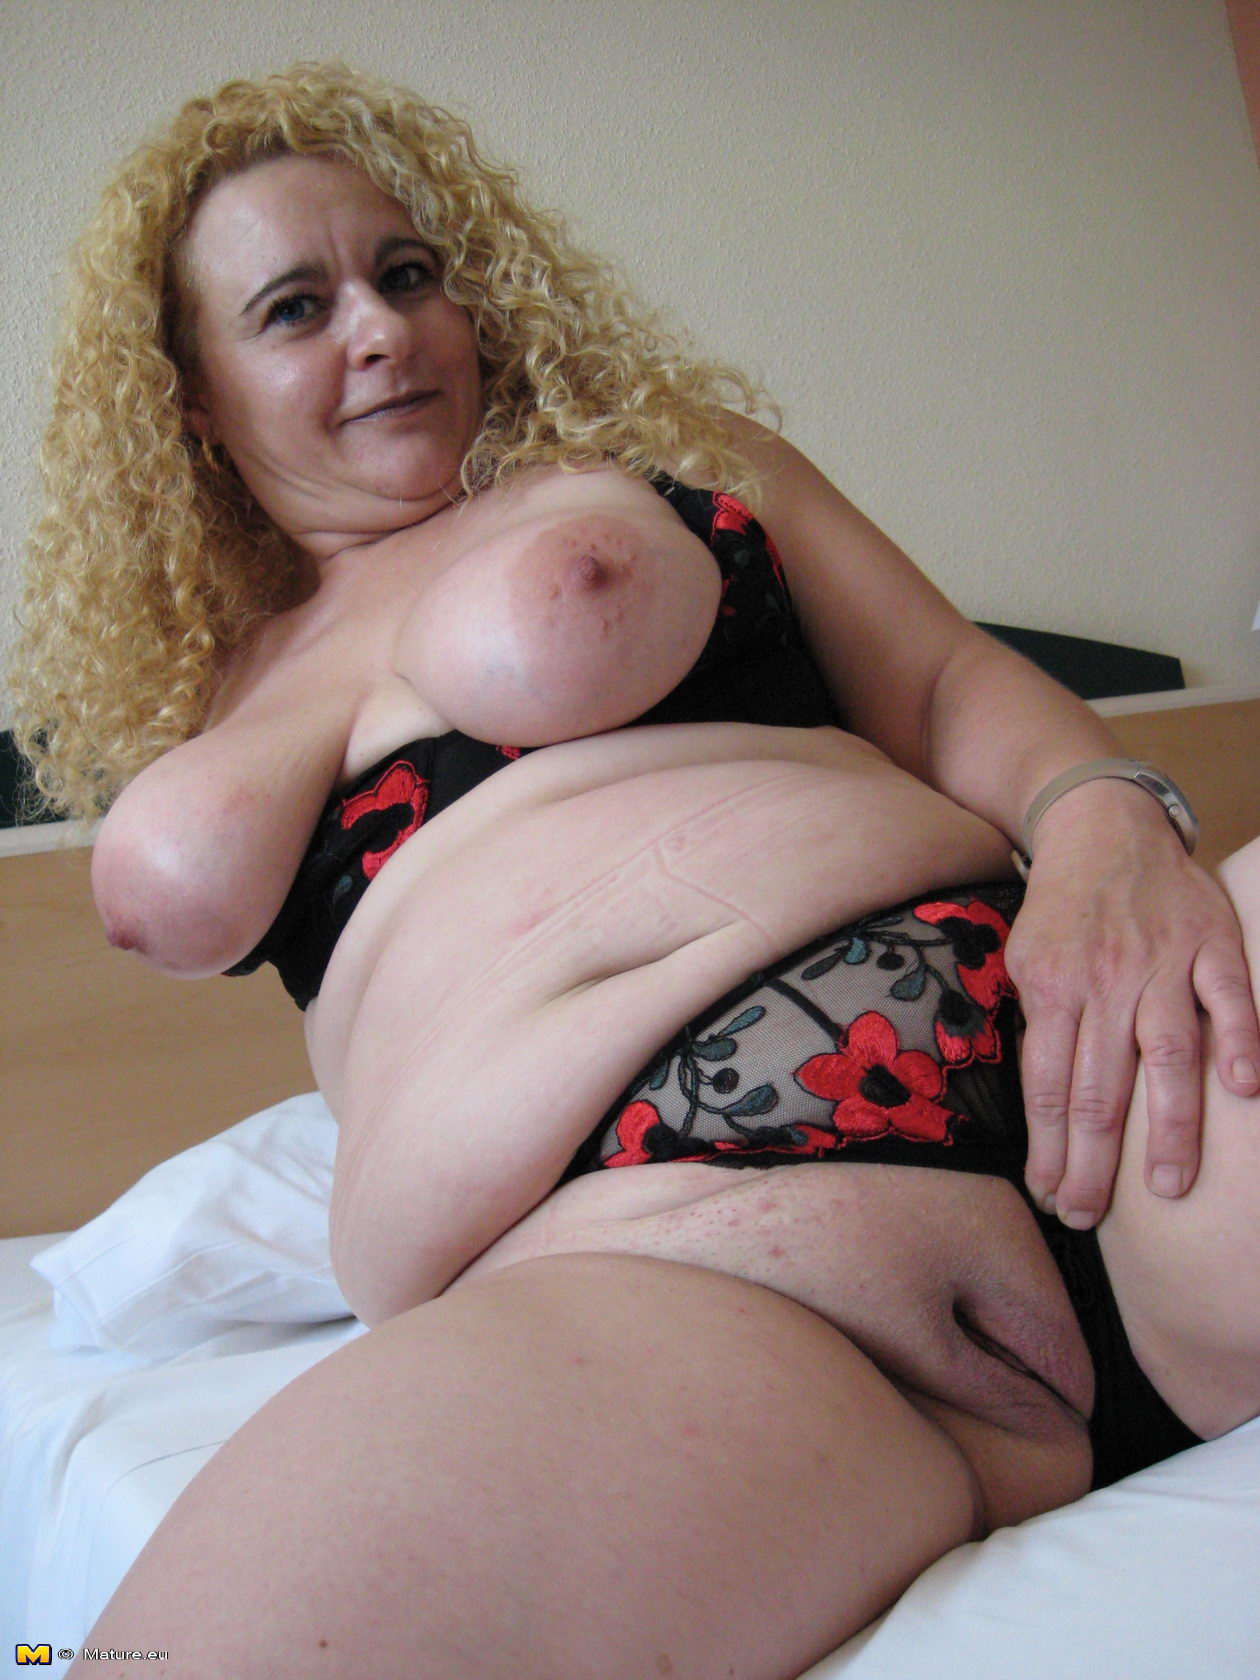 Бесплатное порно бесстыжих зрело толстых женщин